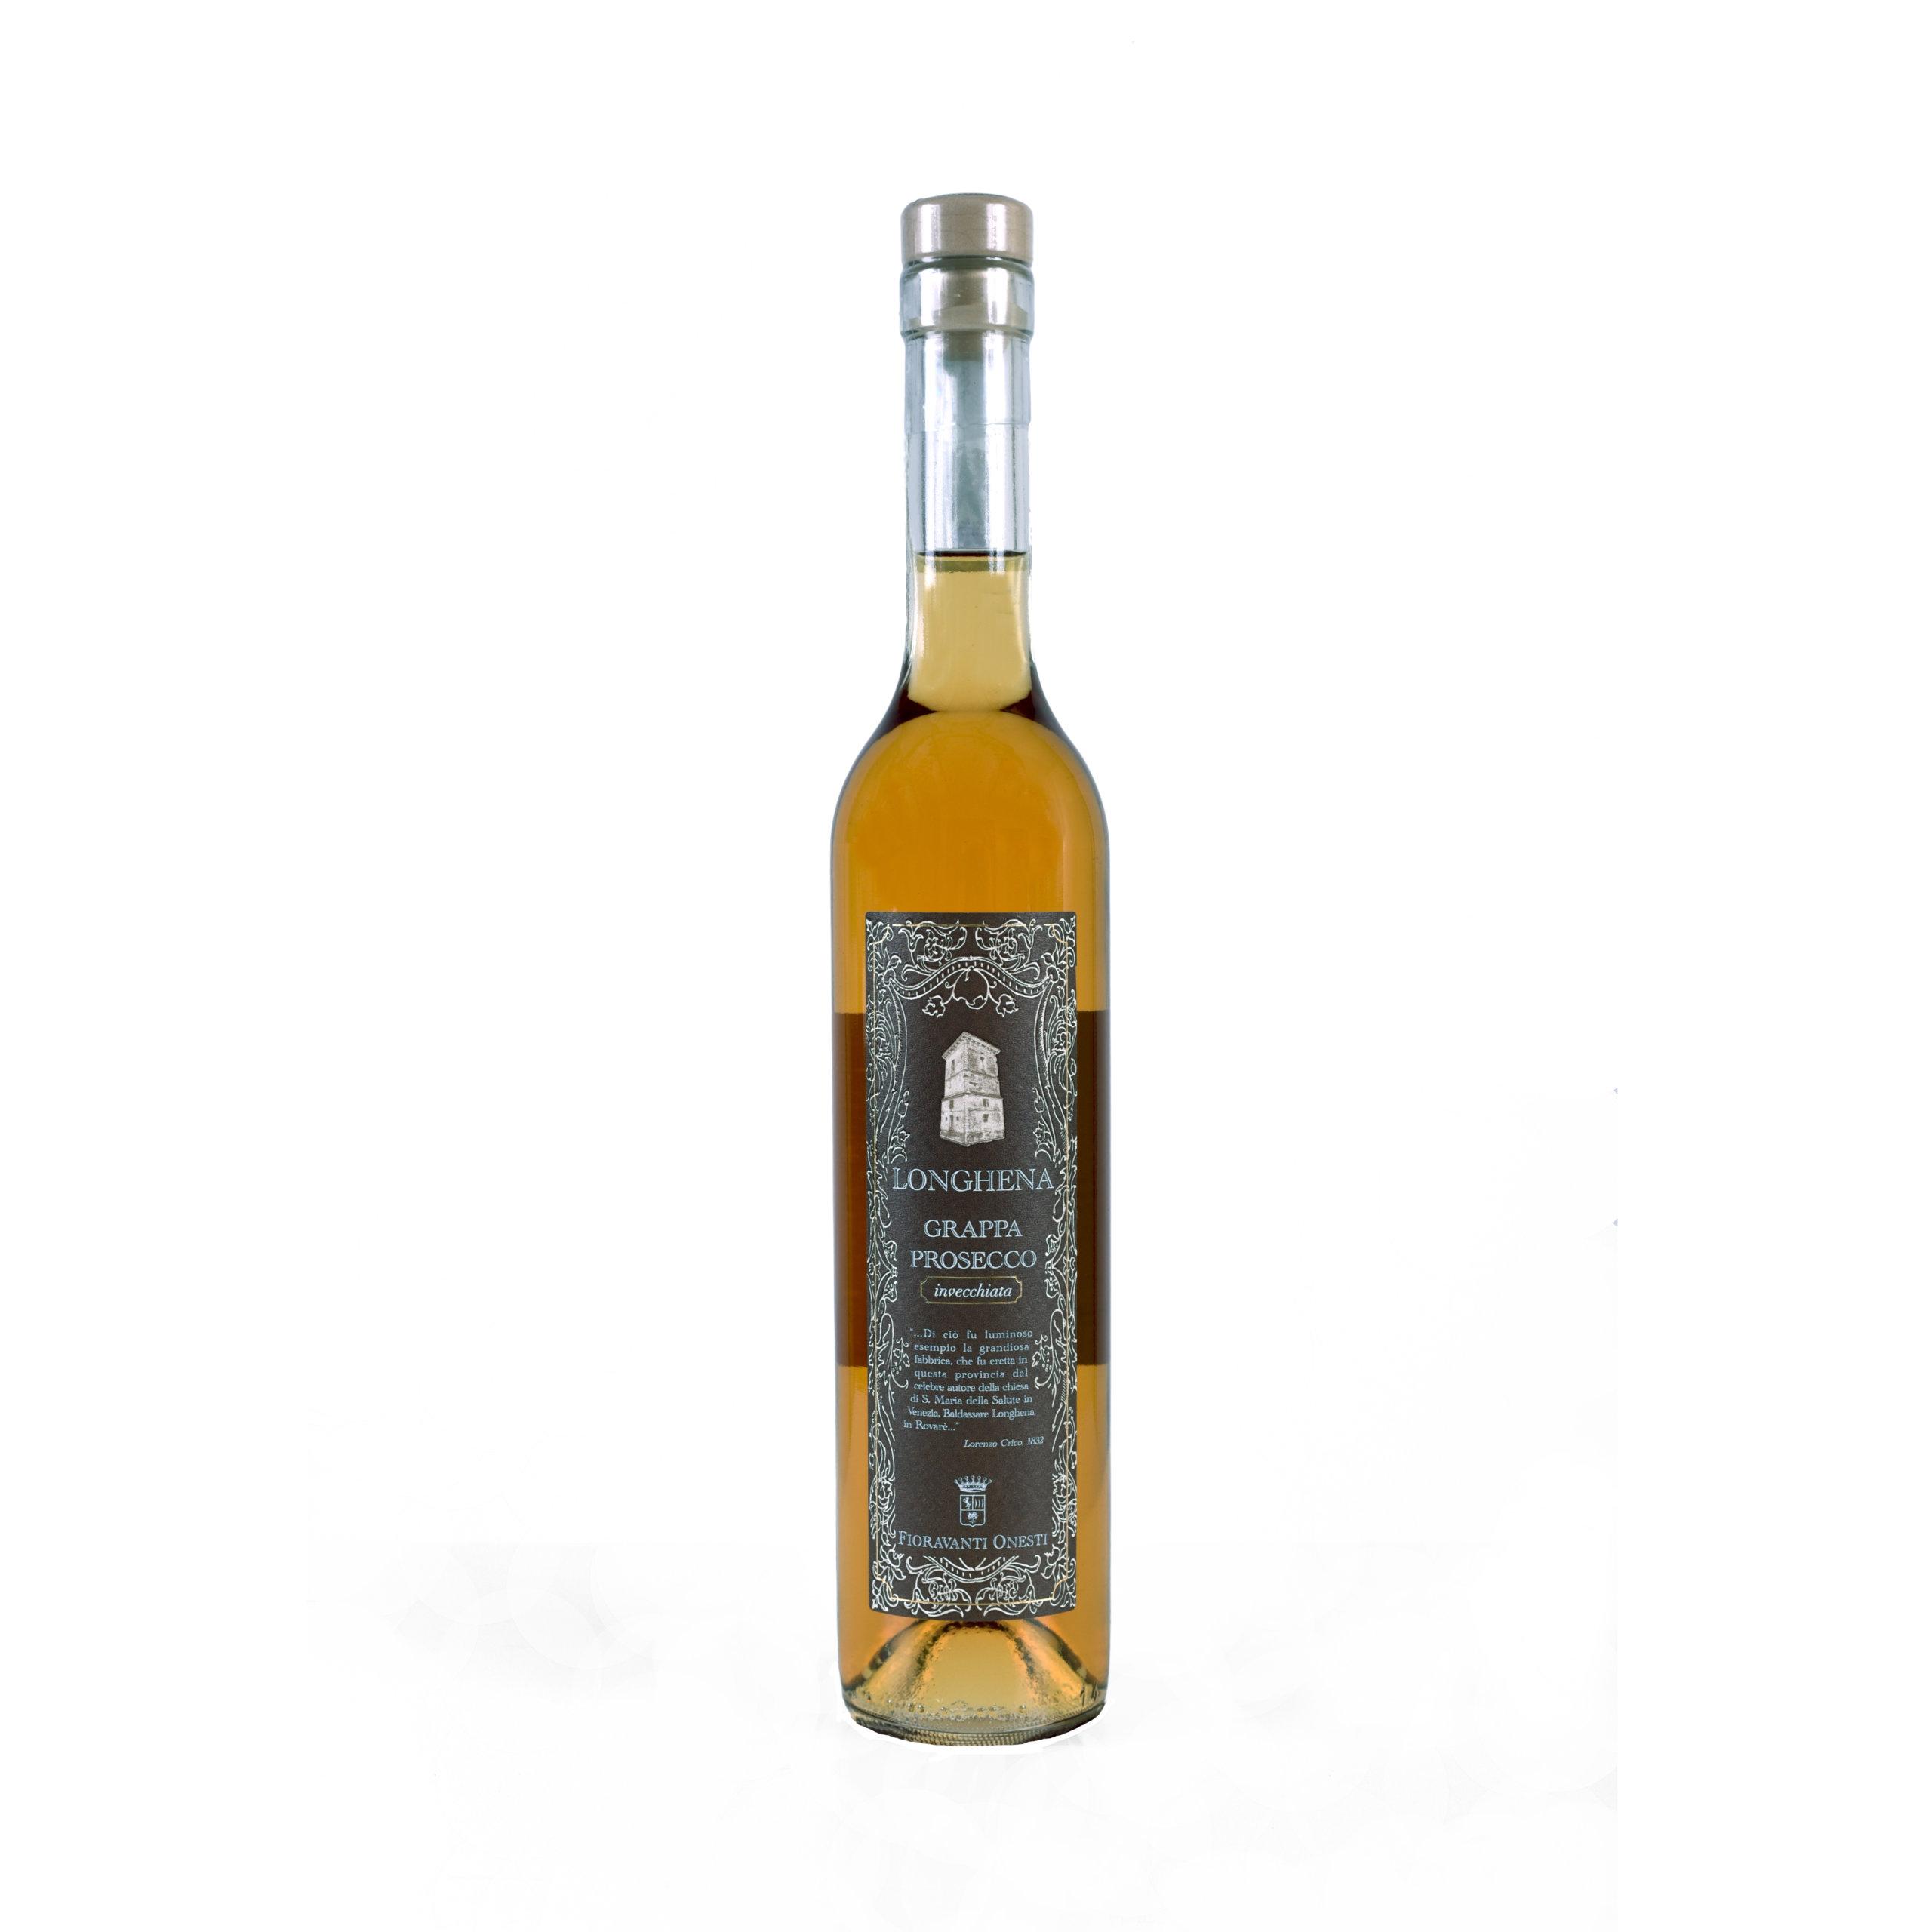 Fioravanti Onesti - Vini emporio mida